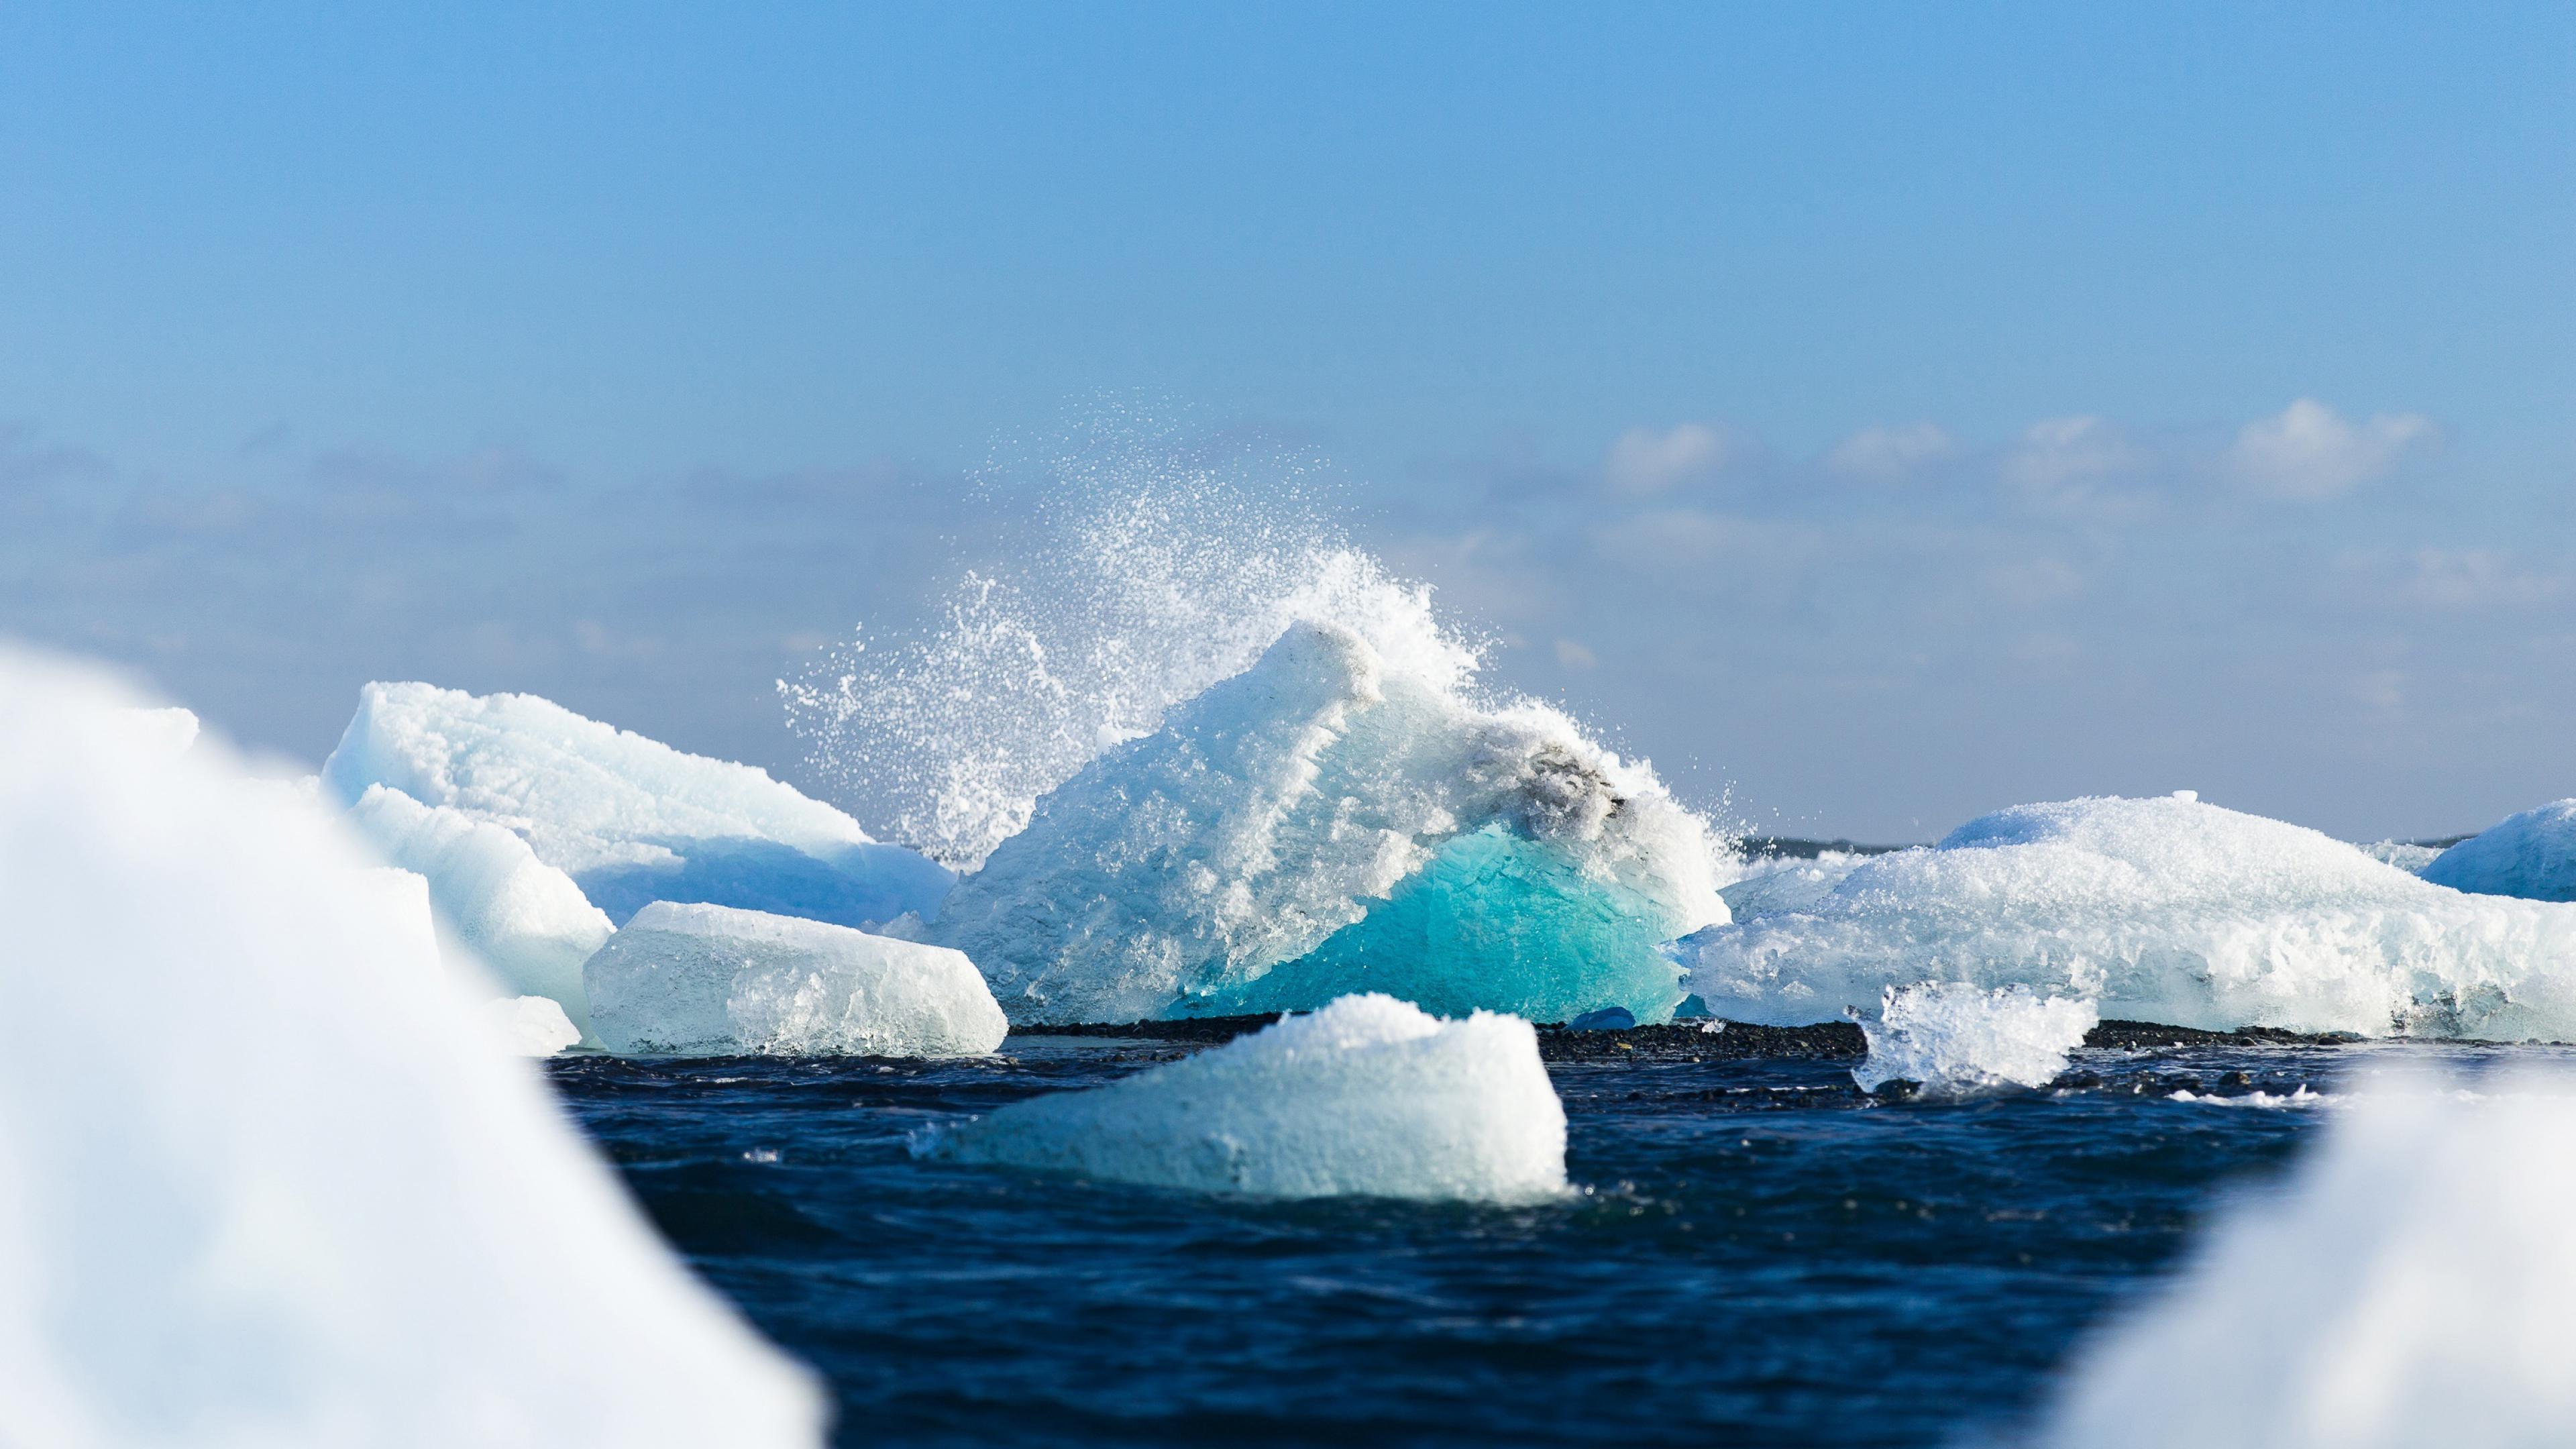 Ледяные глыбы в океане